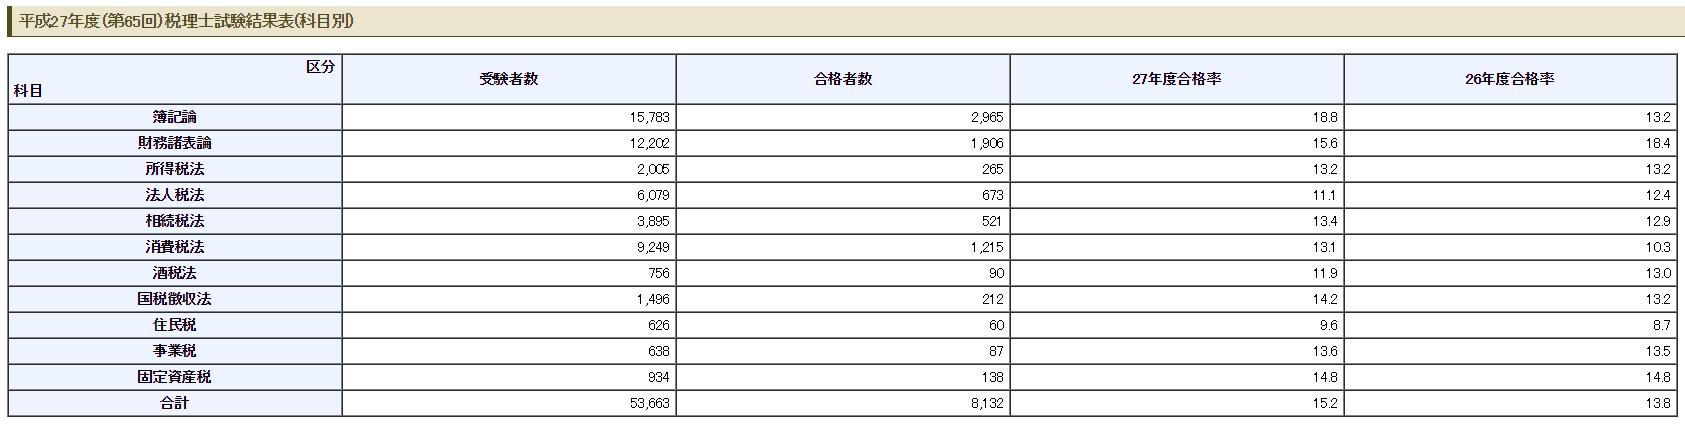 平成27年度(第65回)税理士試験結果表(科目別)